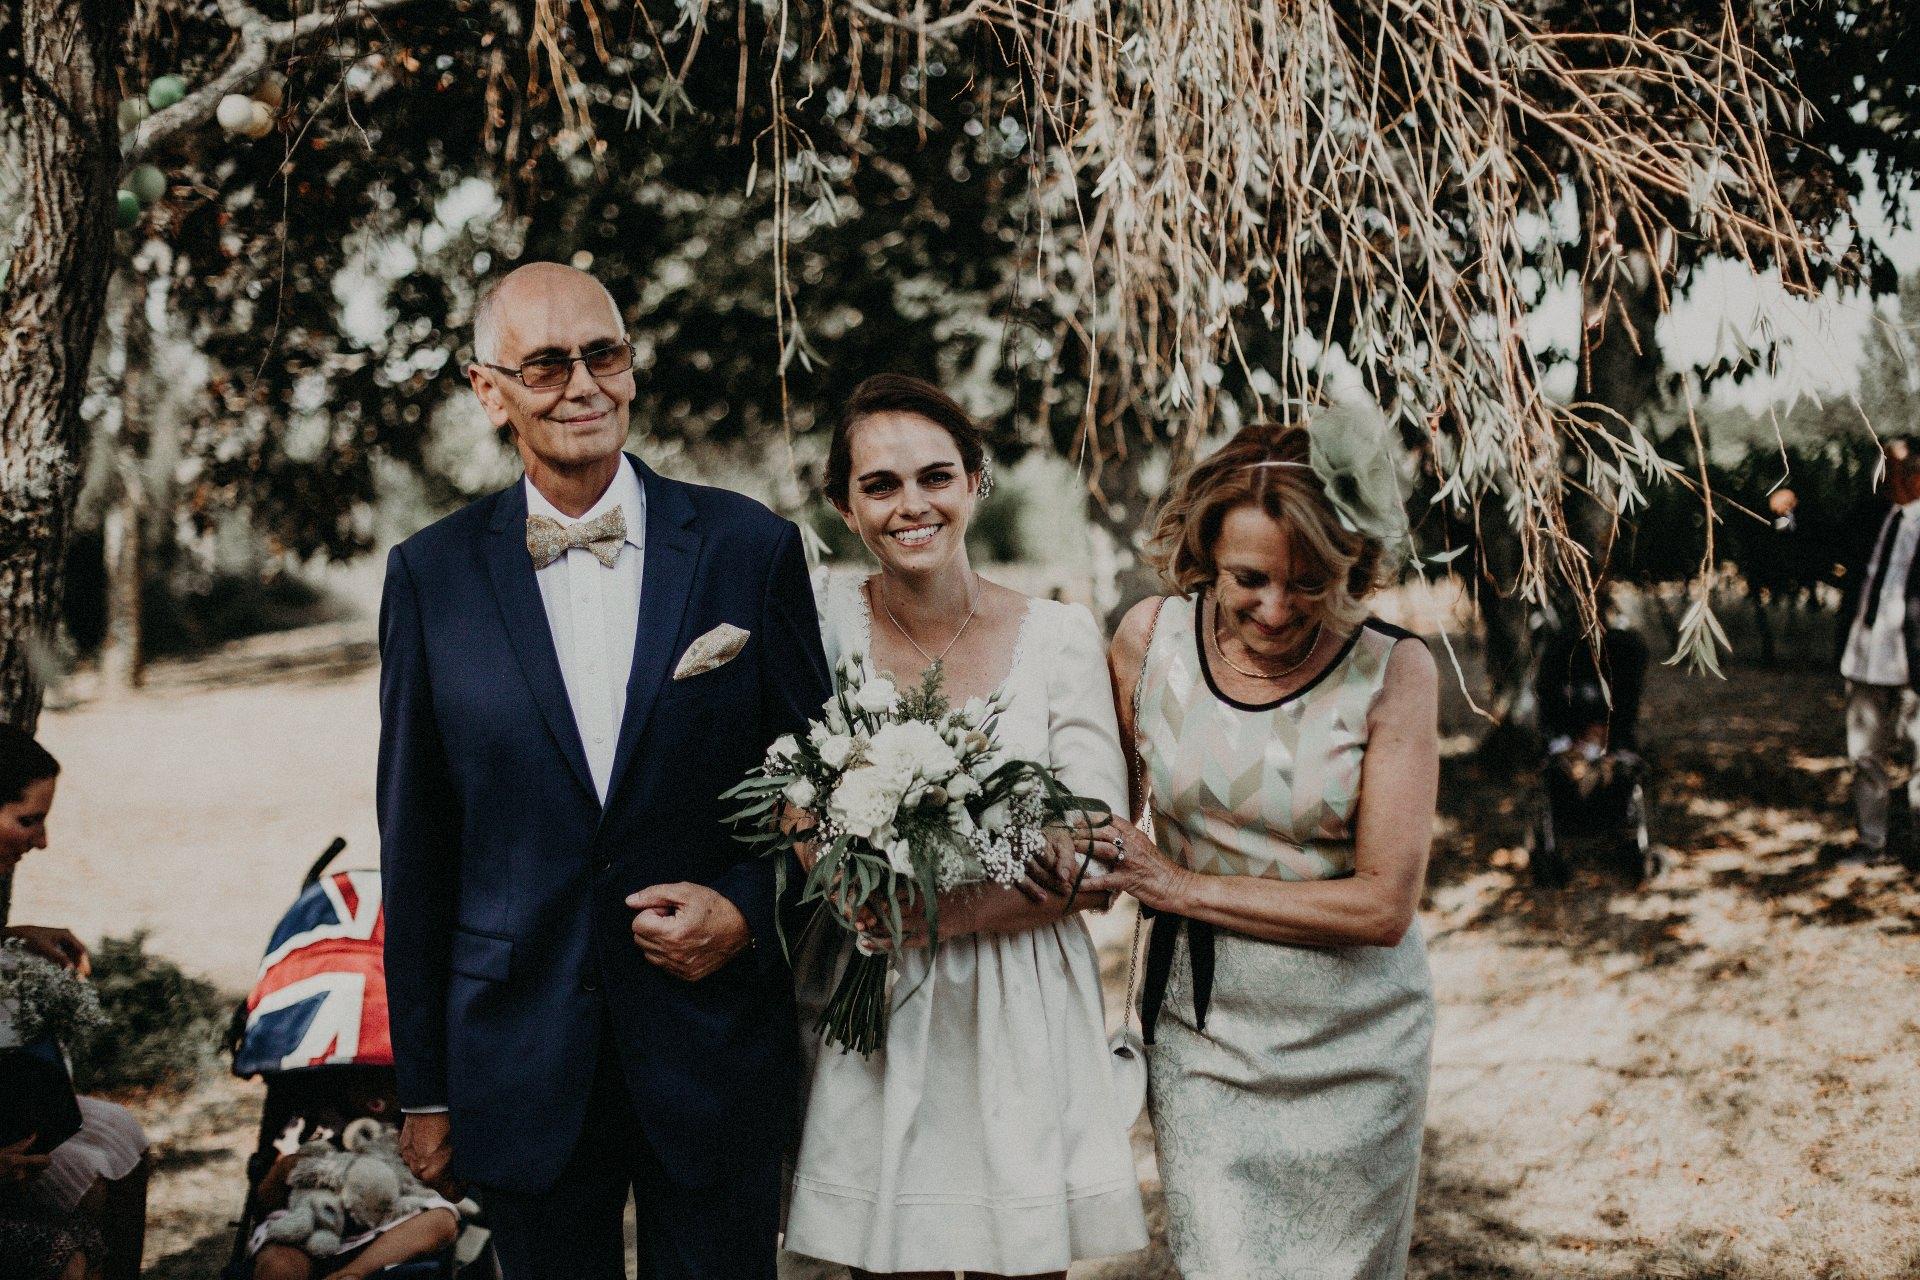 photographe-mariage-bordeaux-37.jpg